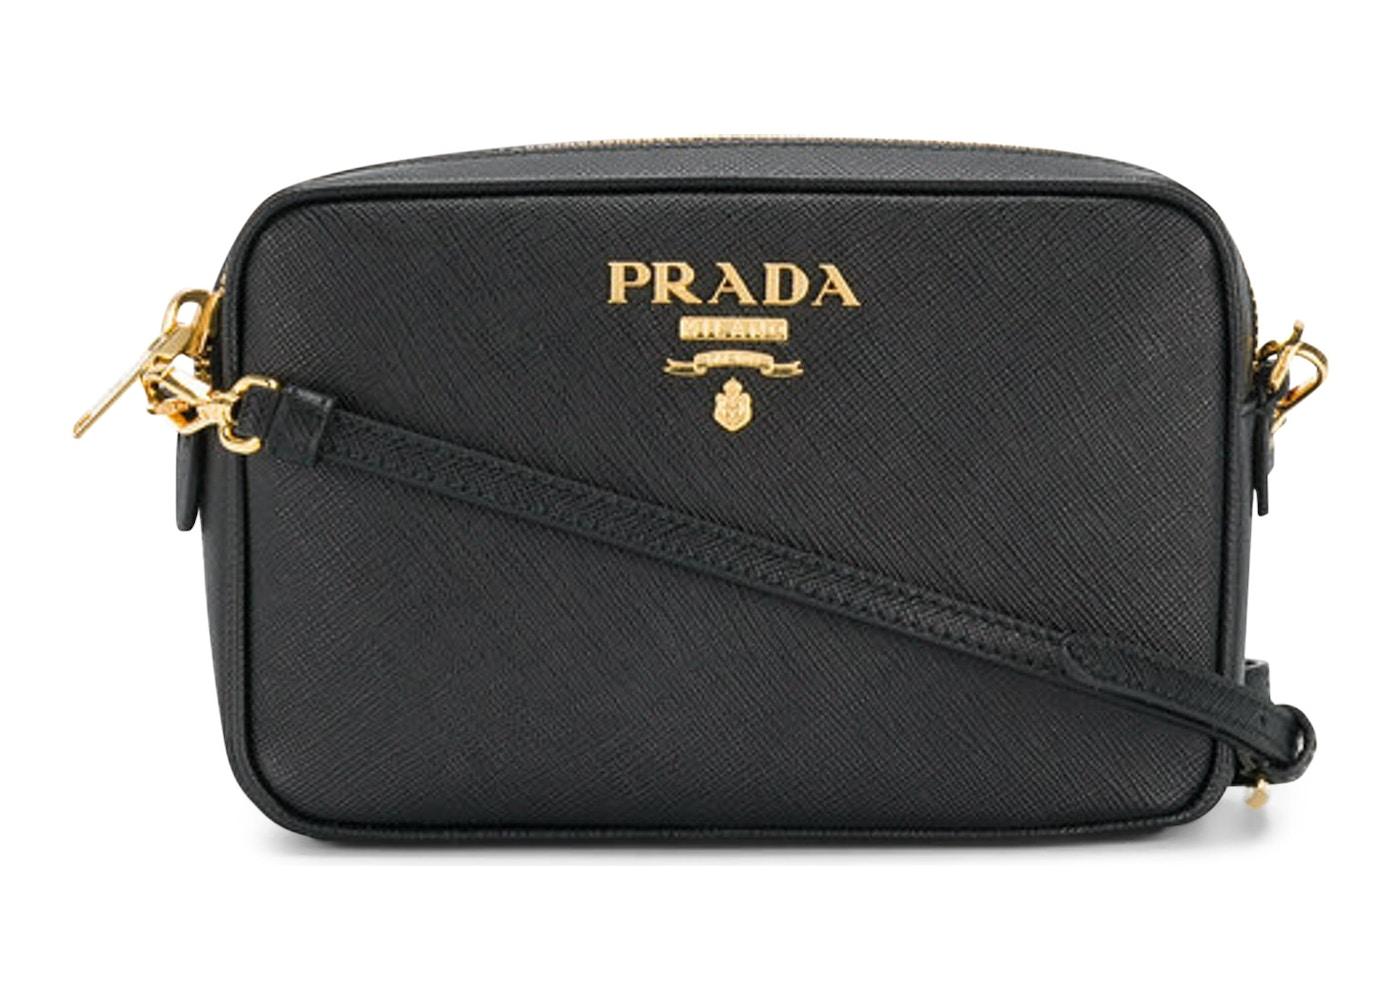 08a1985907b5a Prada Saffiano Crossbody Black. Black